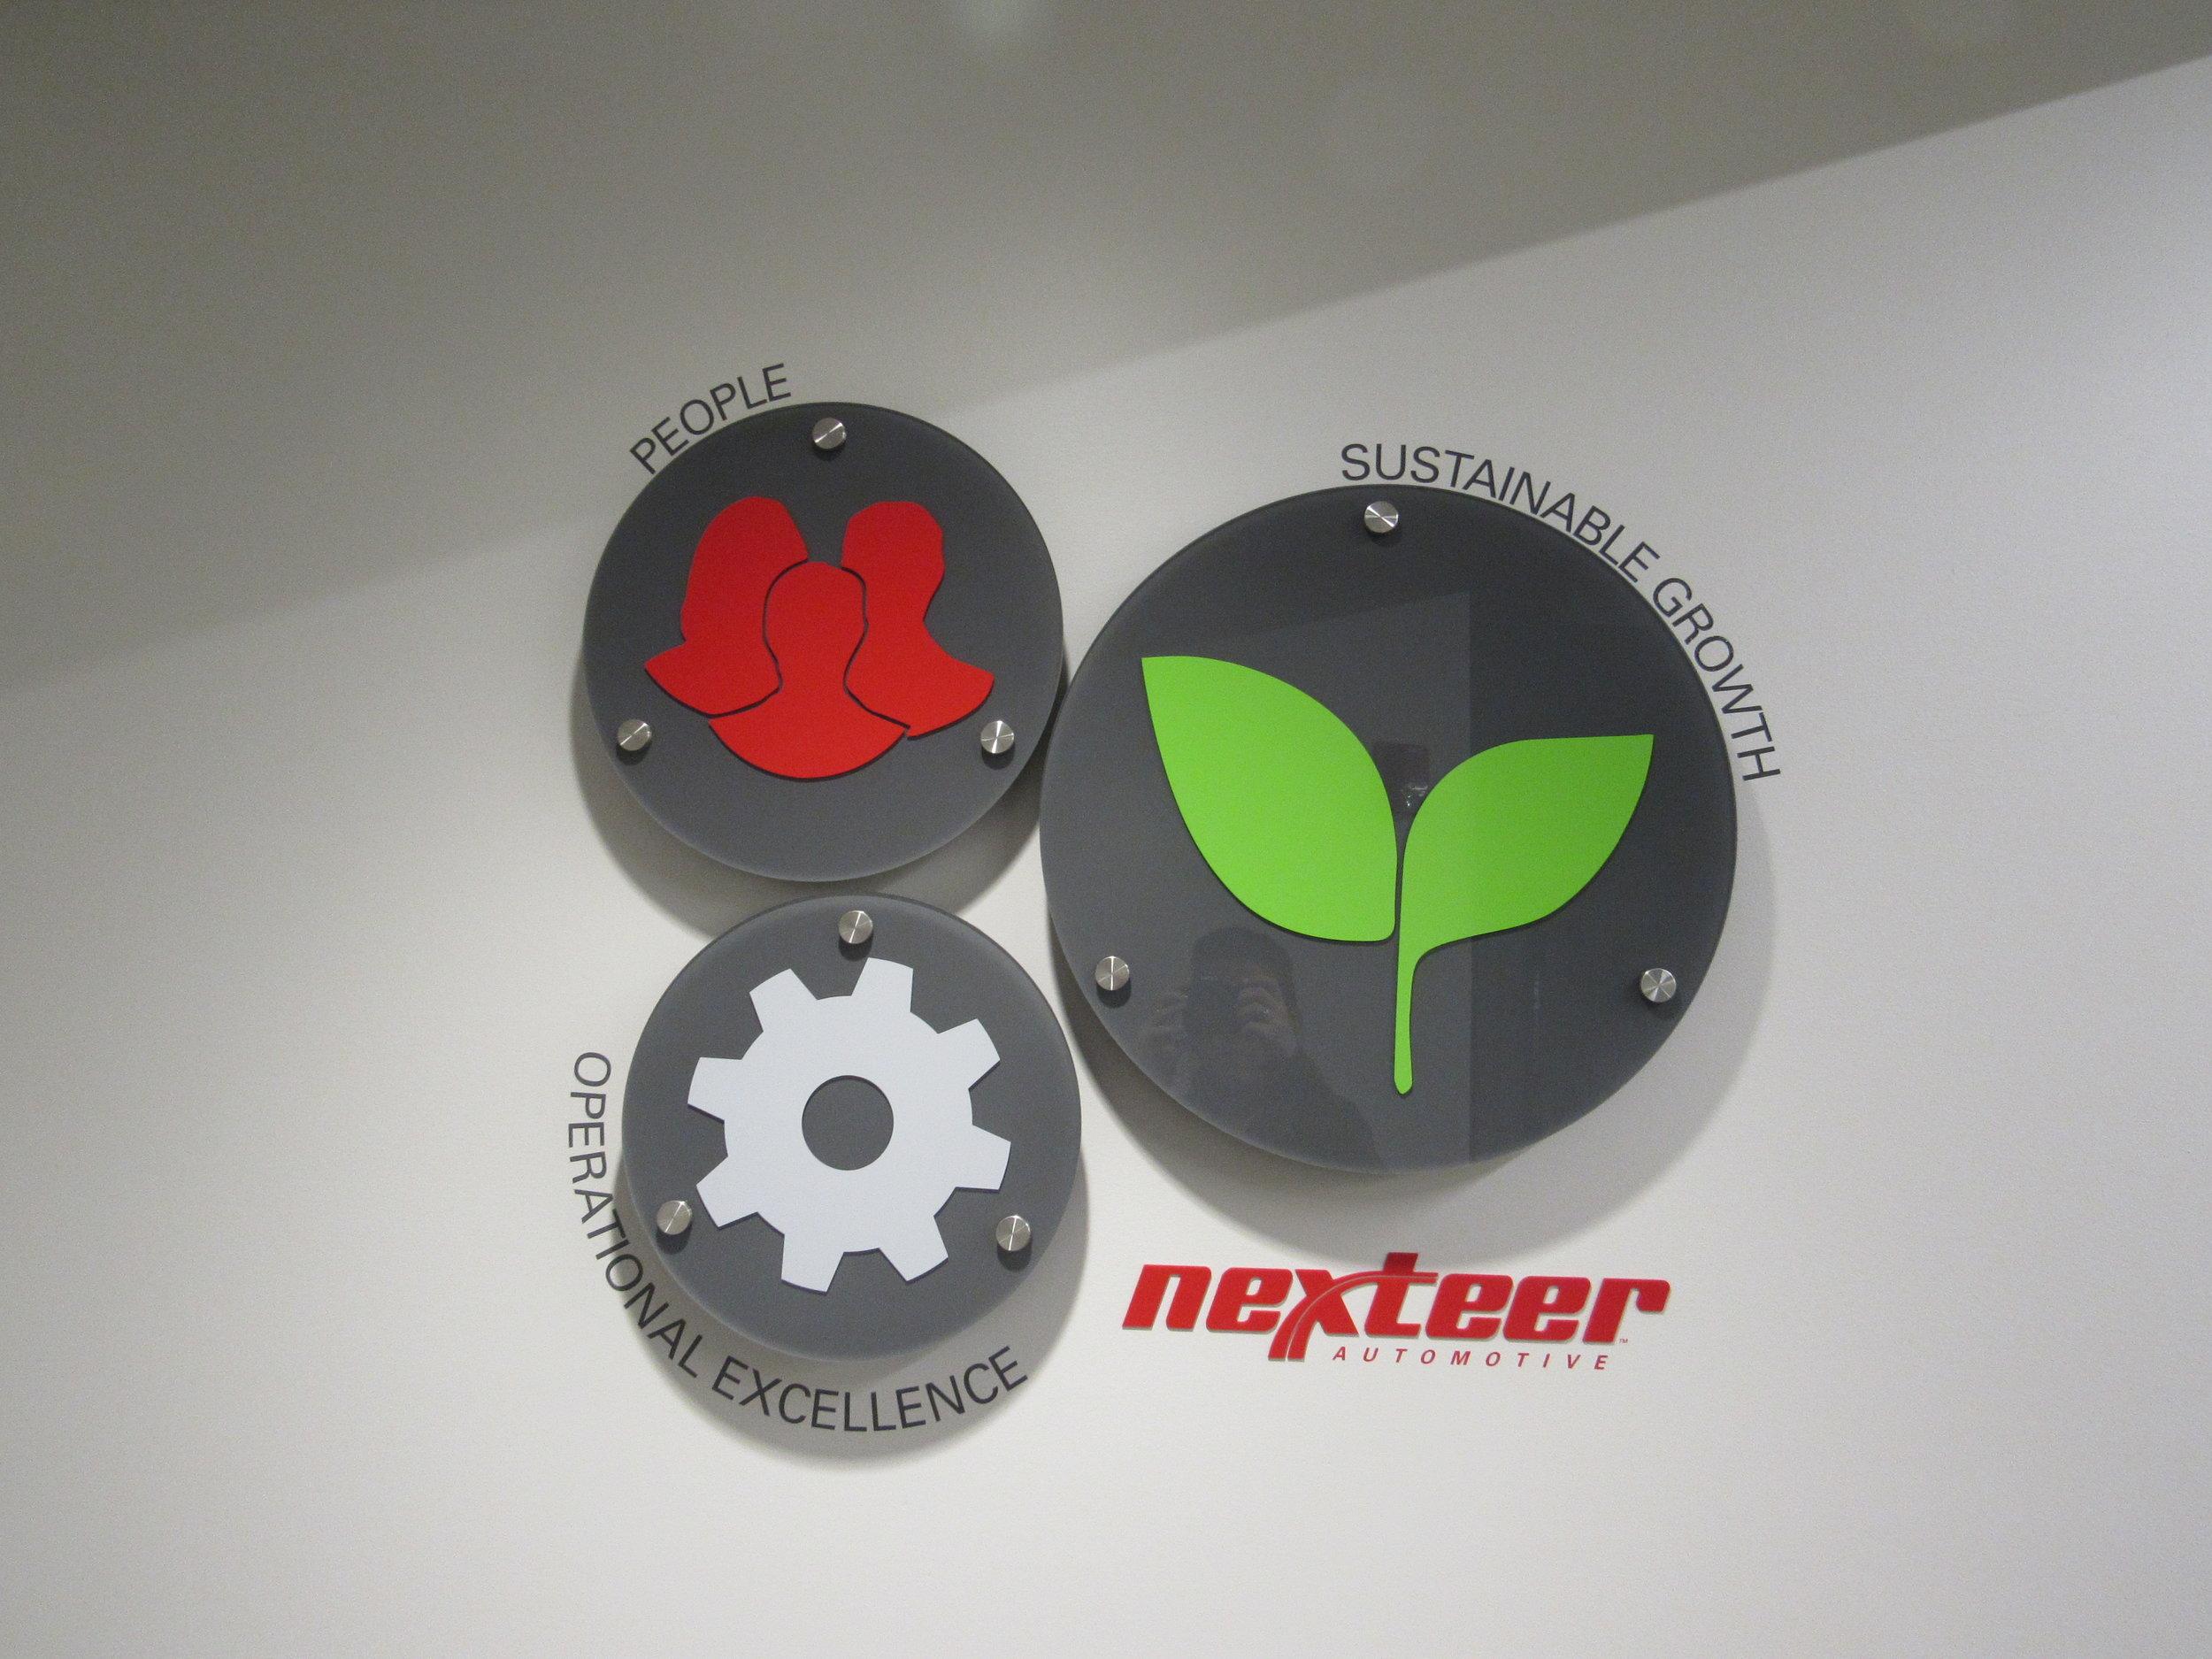 Nexteer Culture Installation